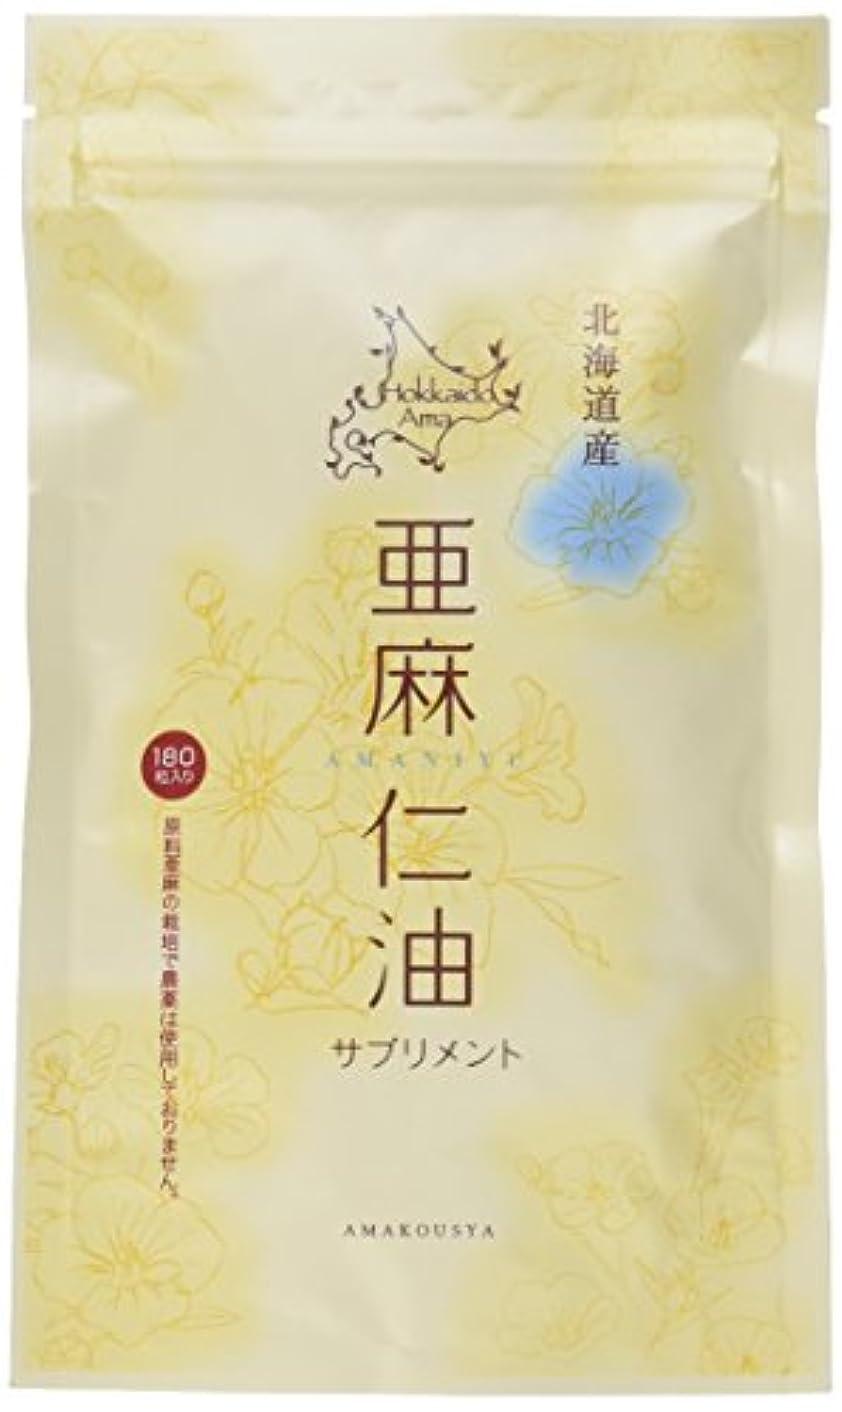 識字ダースくすぐったい北海道産亜麻仁油サプリメント 180粒入り